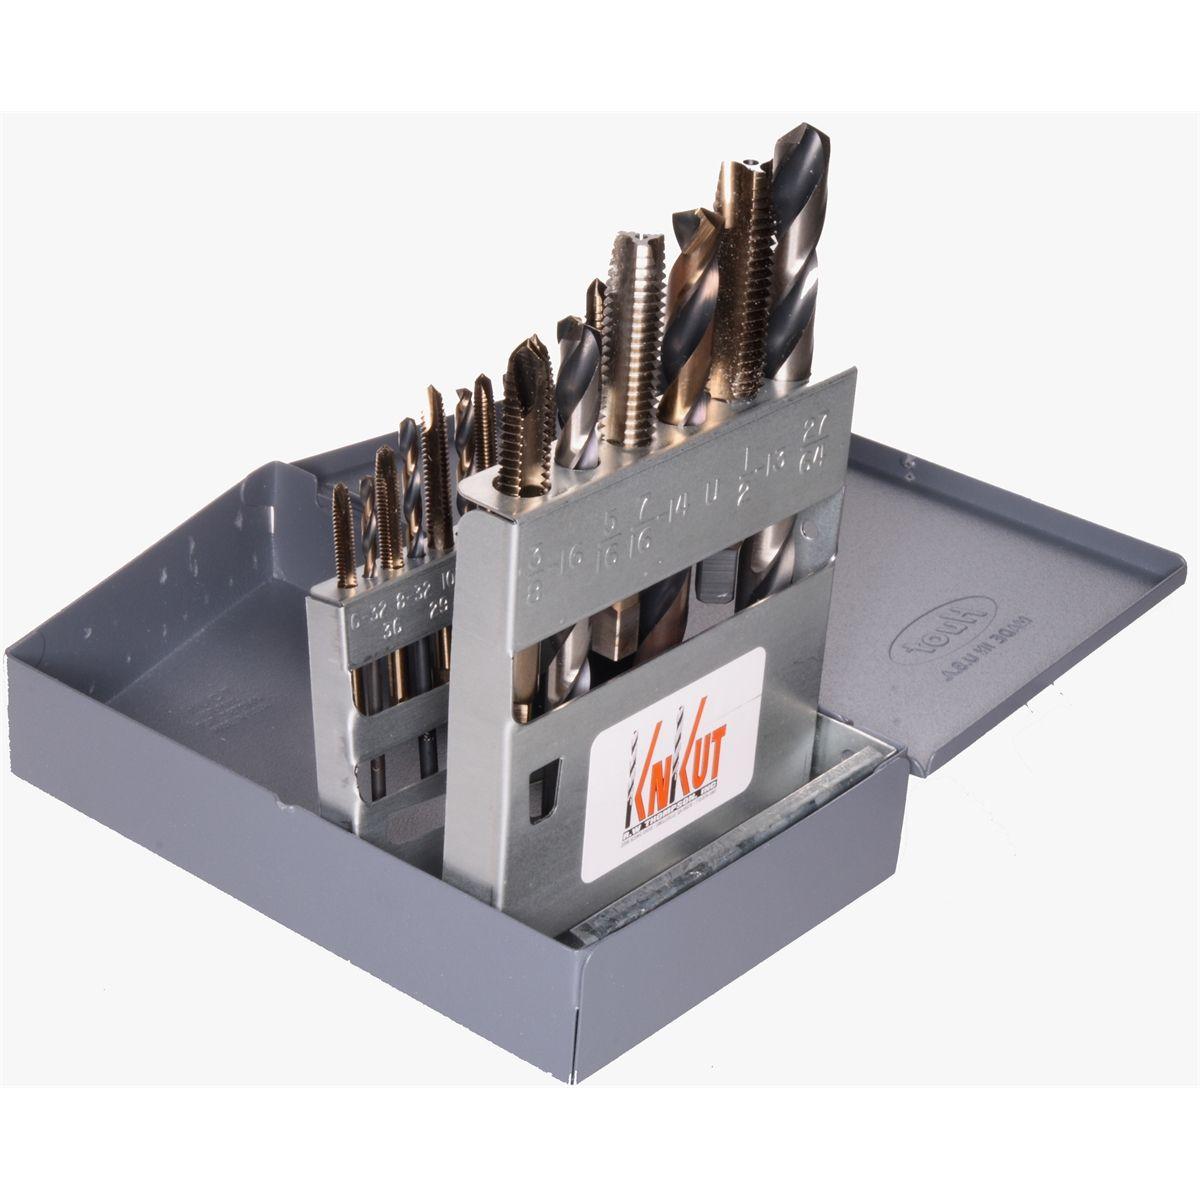 KNKut 15 Pc Fractional Jobber Length Drill BitSet 15KK5